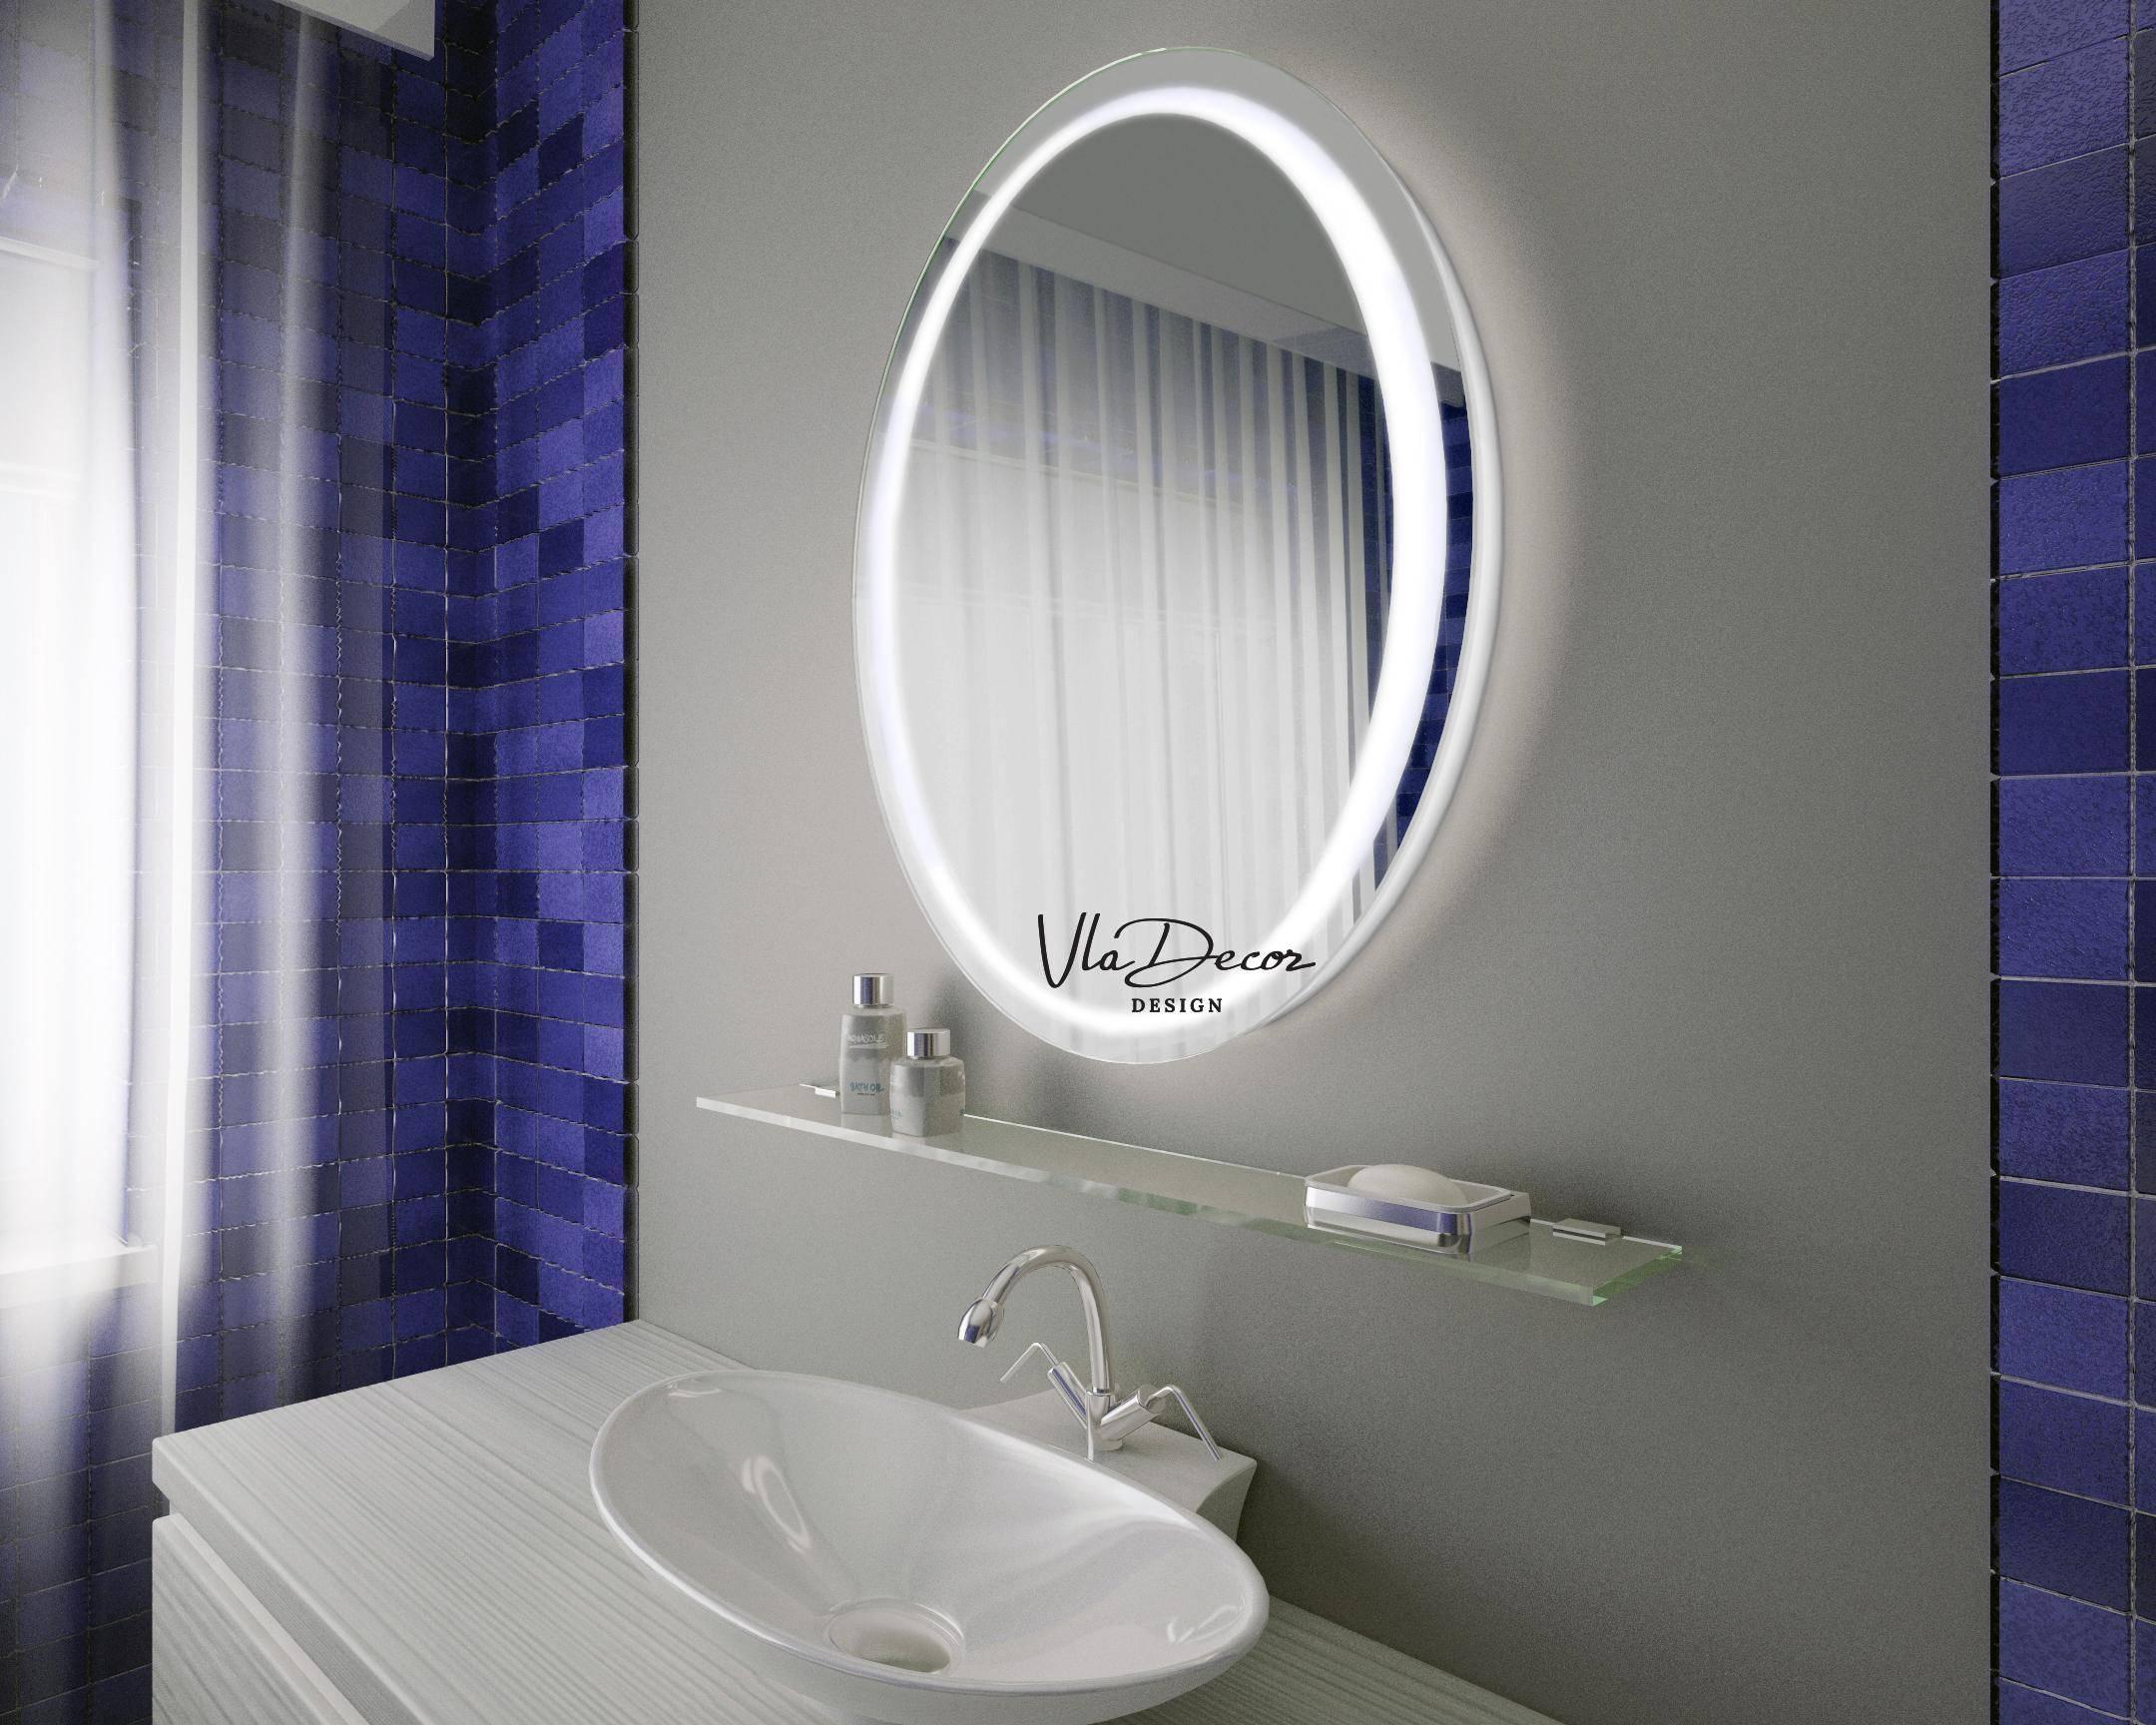 Зеркало в ванную - полезные советы и рекомендации экспертов по выбору зеркал